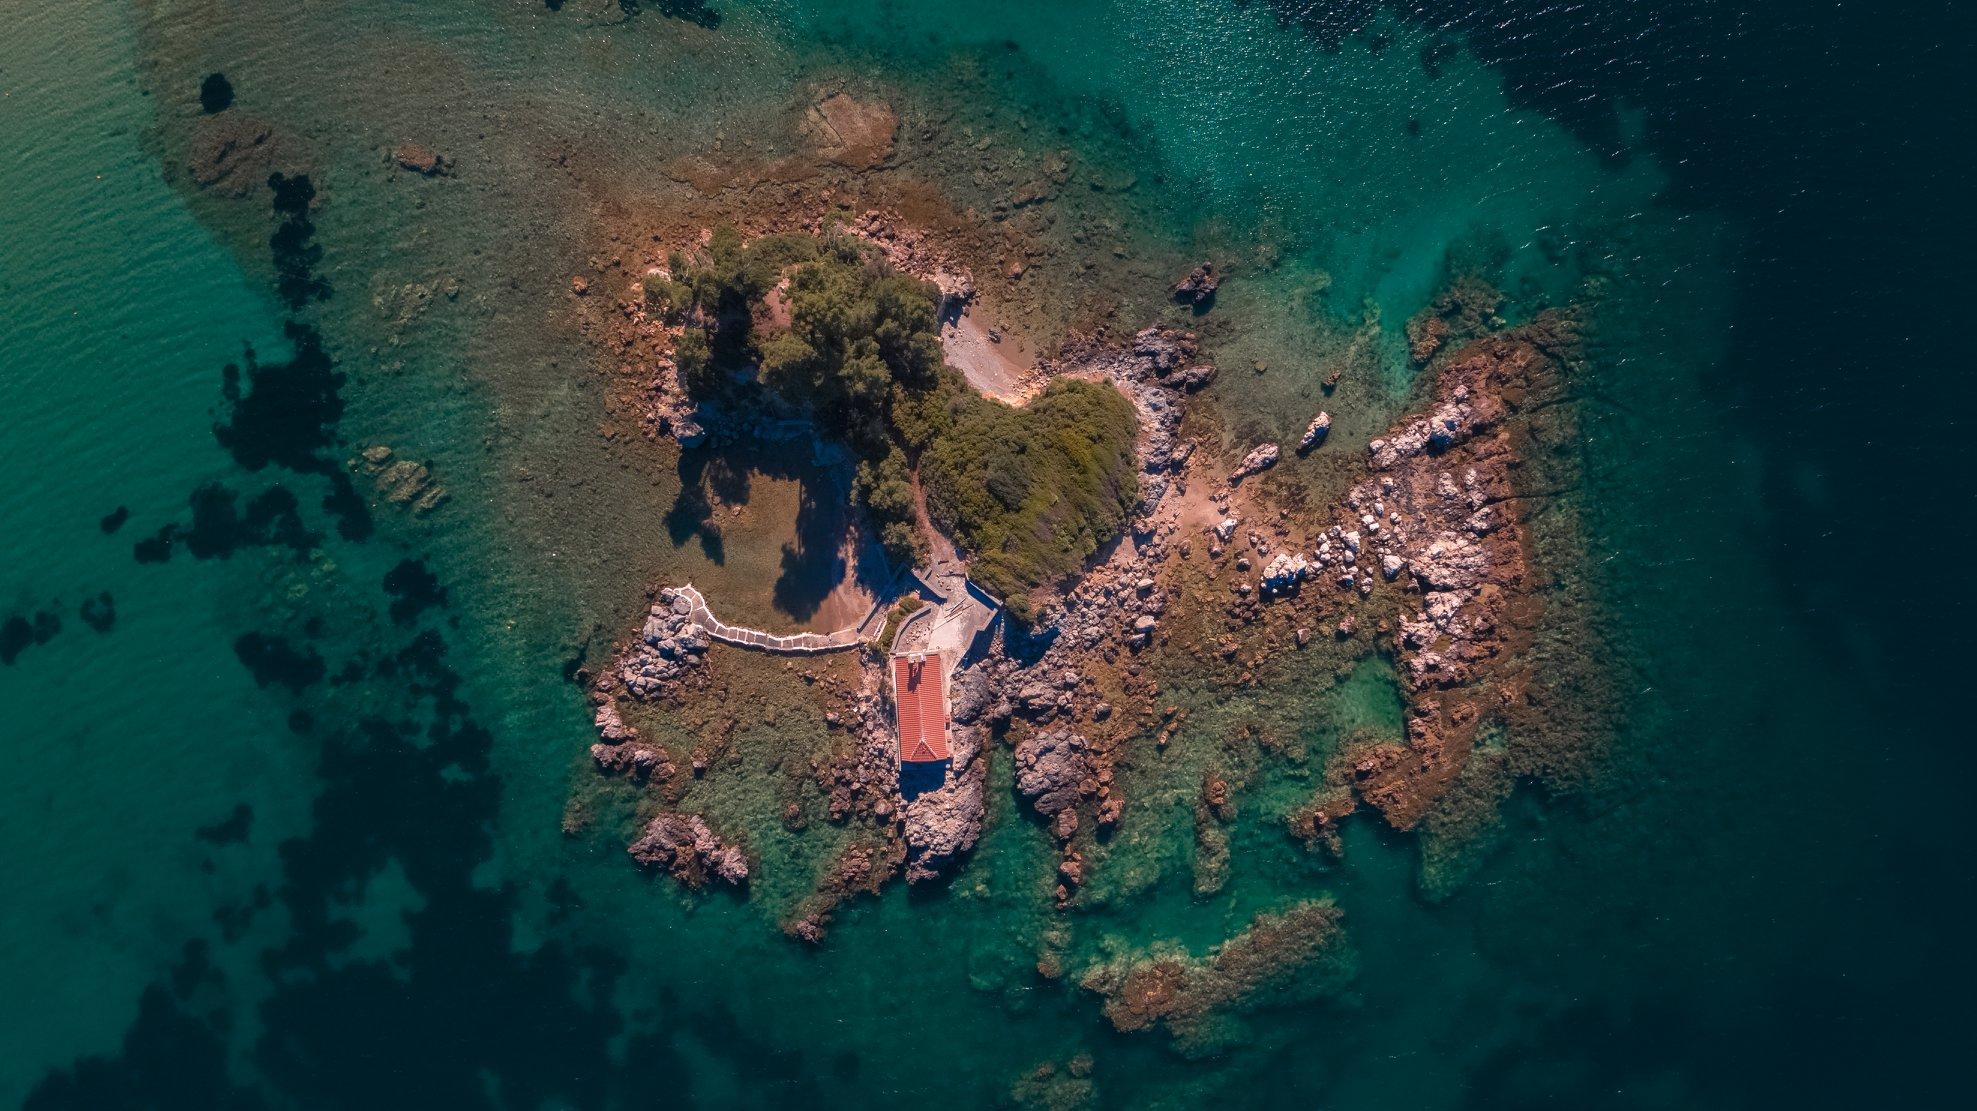 Το πρόγραμμα του Αυθεντικού Μαραθωνίου Κολύμβησης, Το πρόγραμμα του Αυθεντικού Μαραθωνίου Κολύμβησης – Δείτε τις διαδρομές των αγώνων, Eviathema.gr | Εύβοια Τοπ Νέα Ειδήσεις